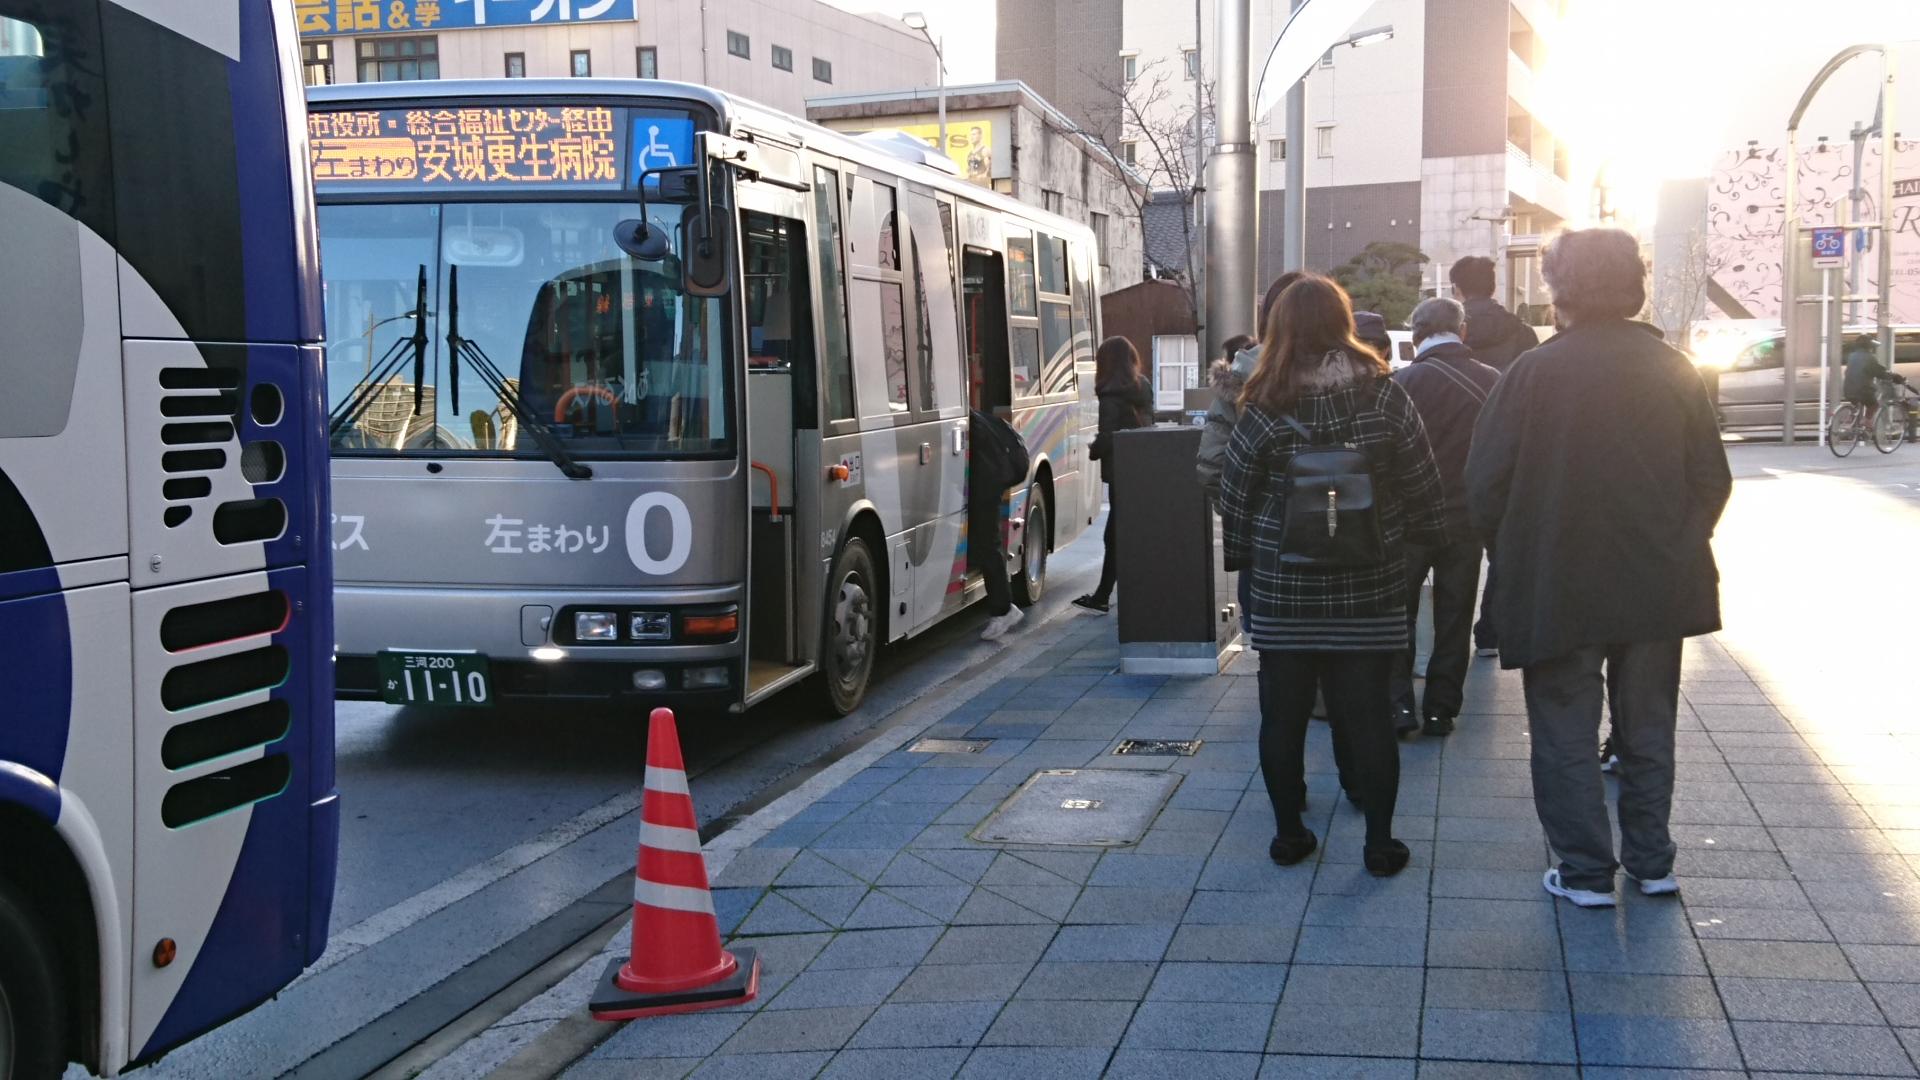 2016.12.14 あんじょうえきまえ (1) あんくるバス 1920-1080